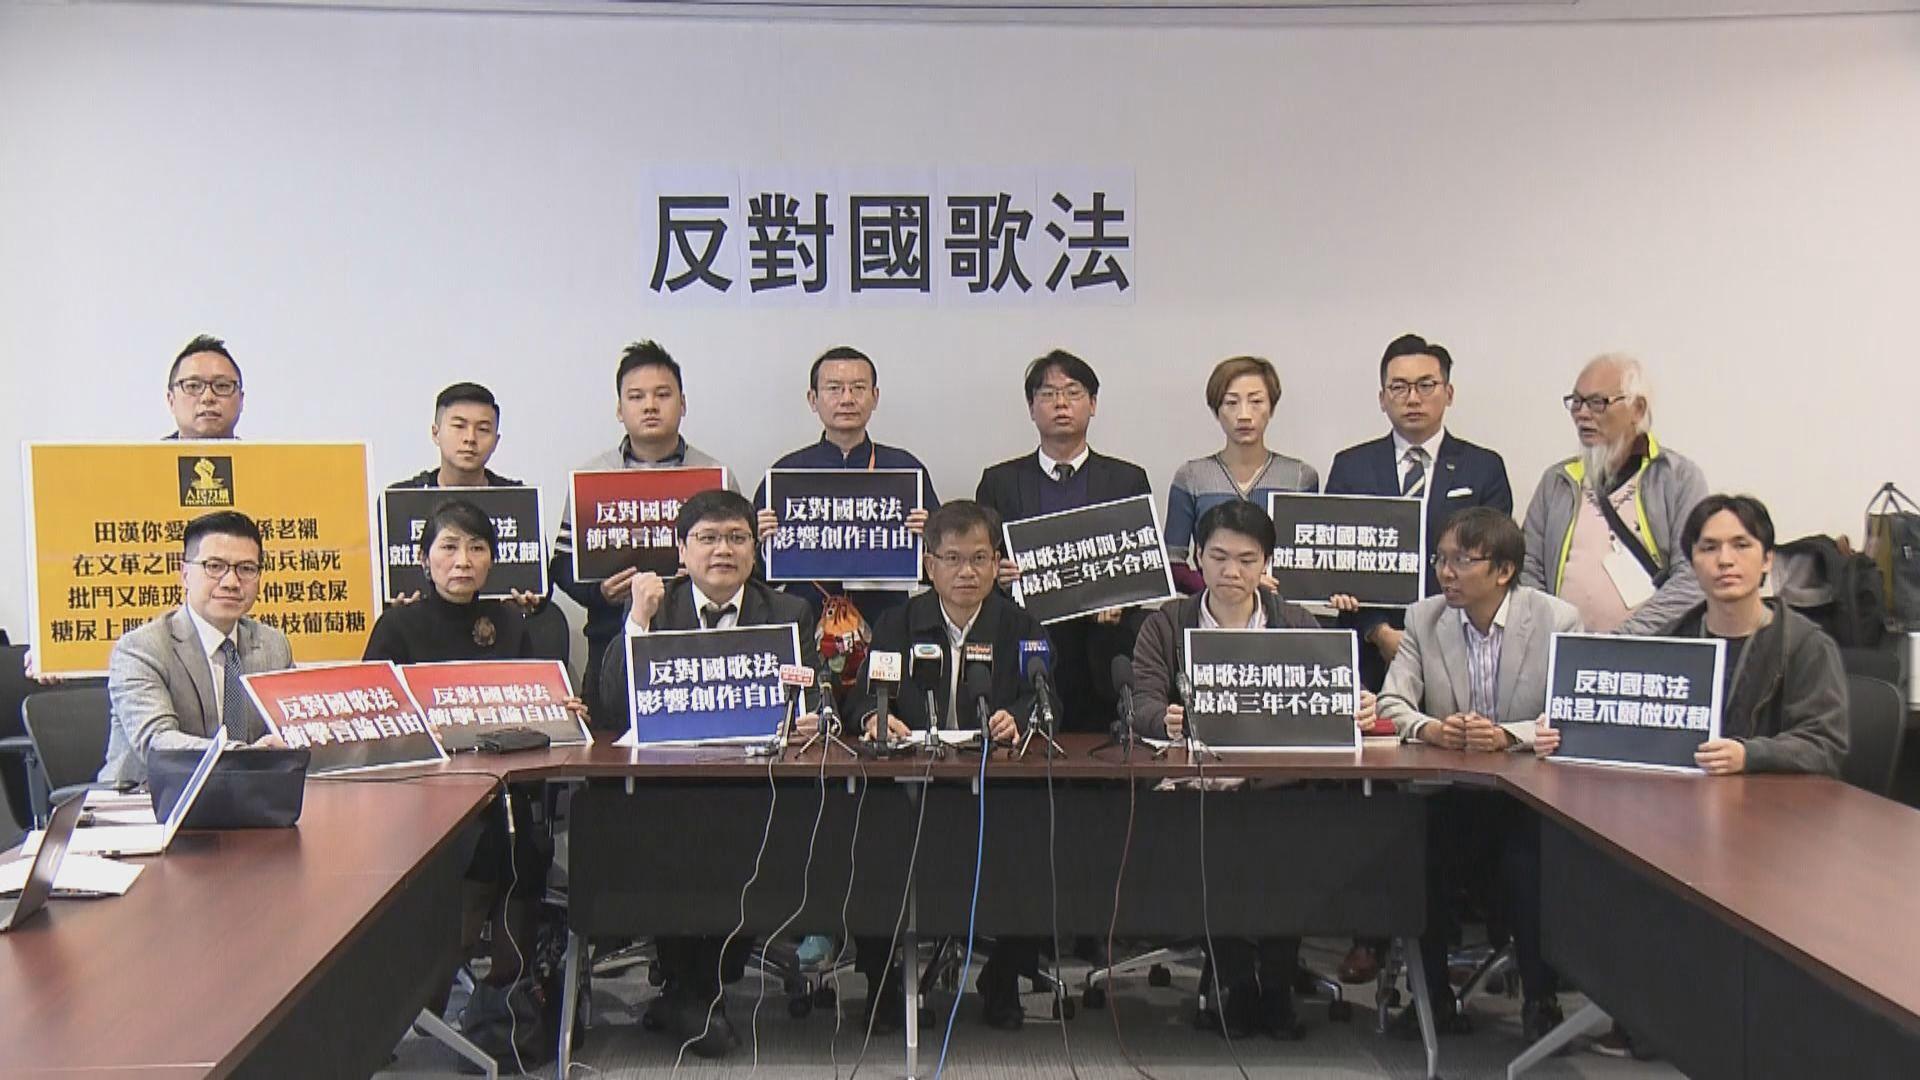 團體聯署反對國歌法立法 憂損言論自由